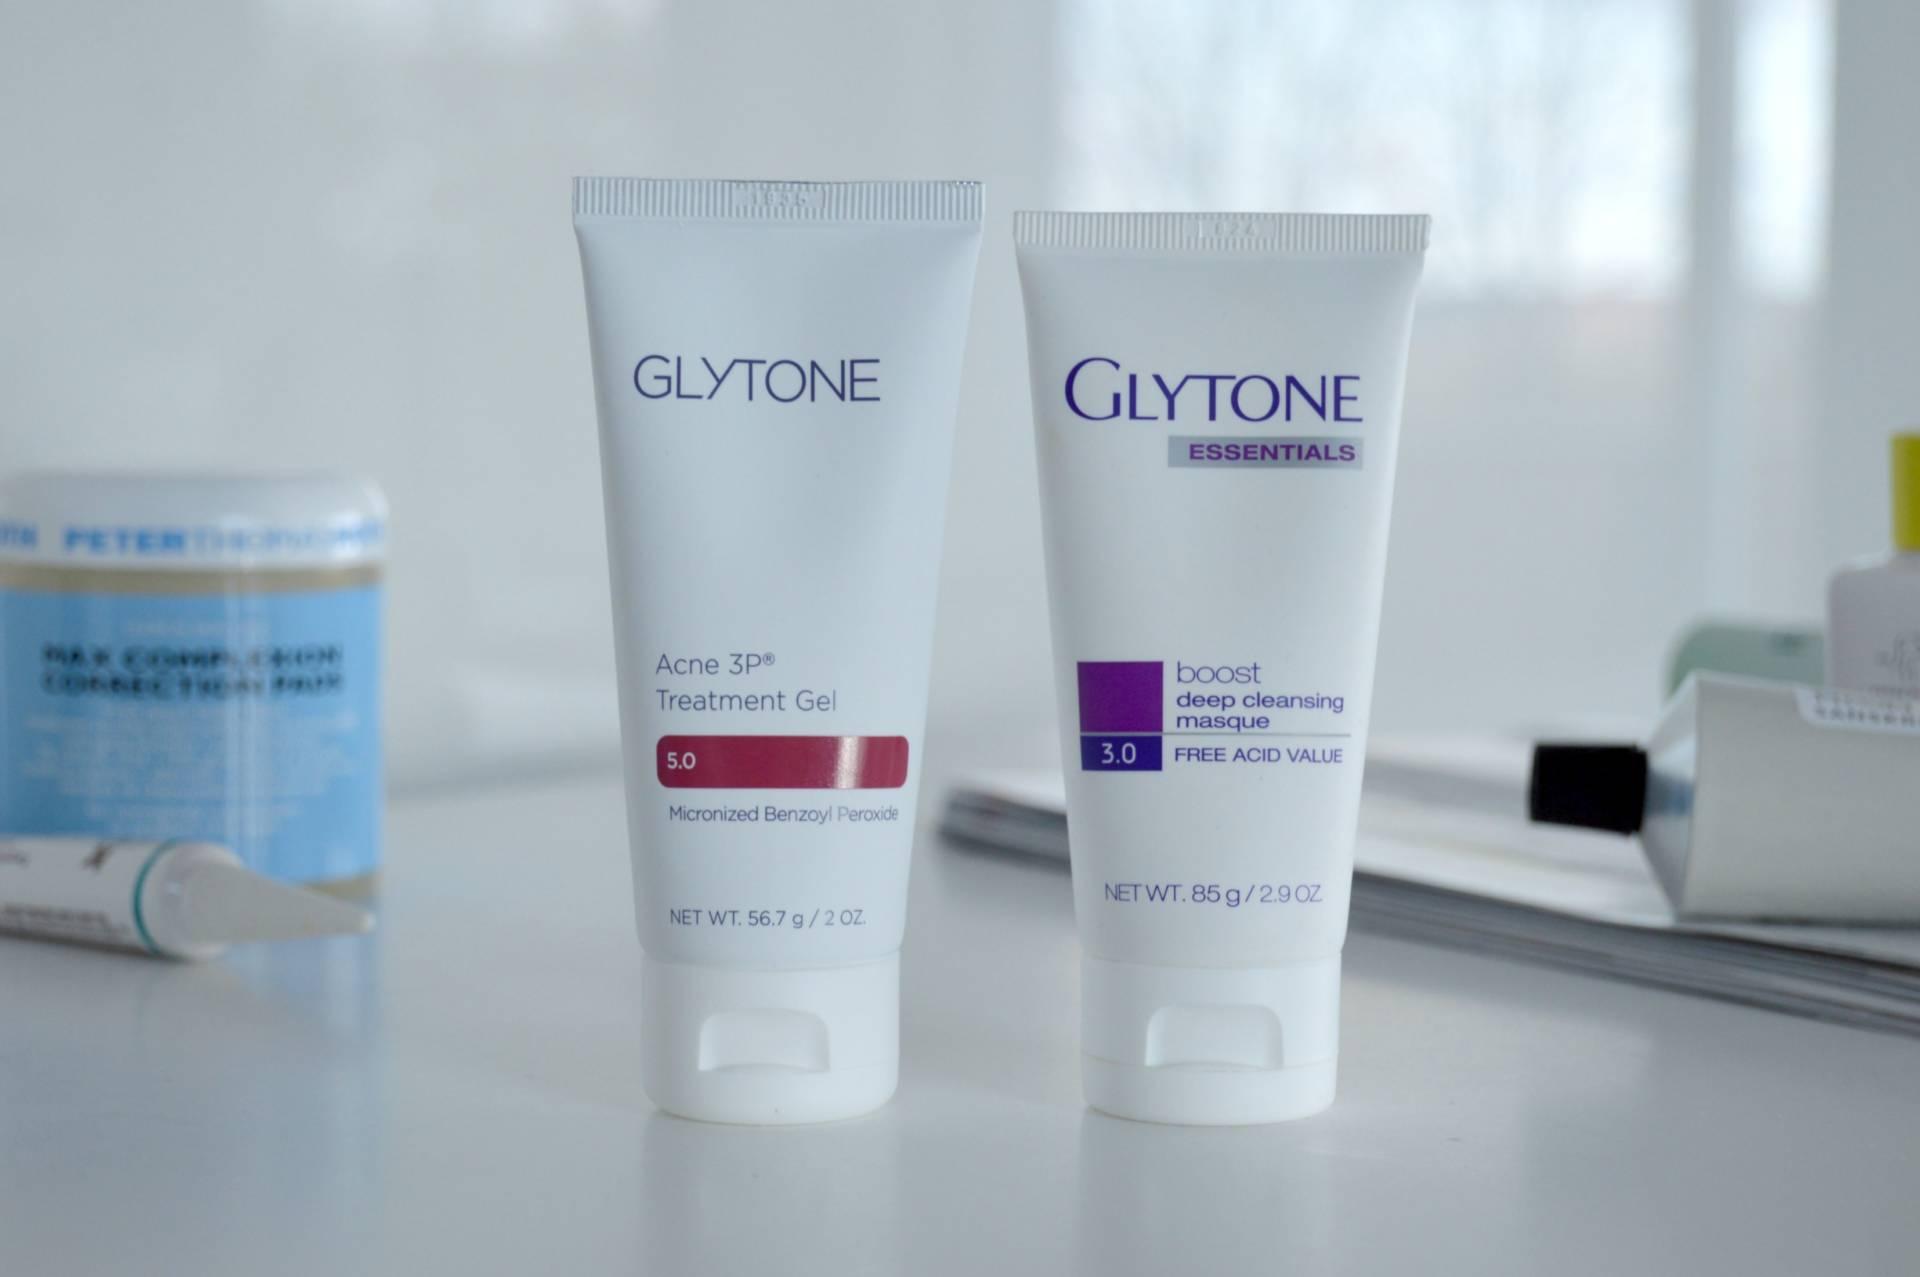 glytone-acne-gel-rejuvenating-mask-review-inhautepursuit